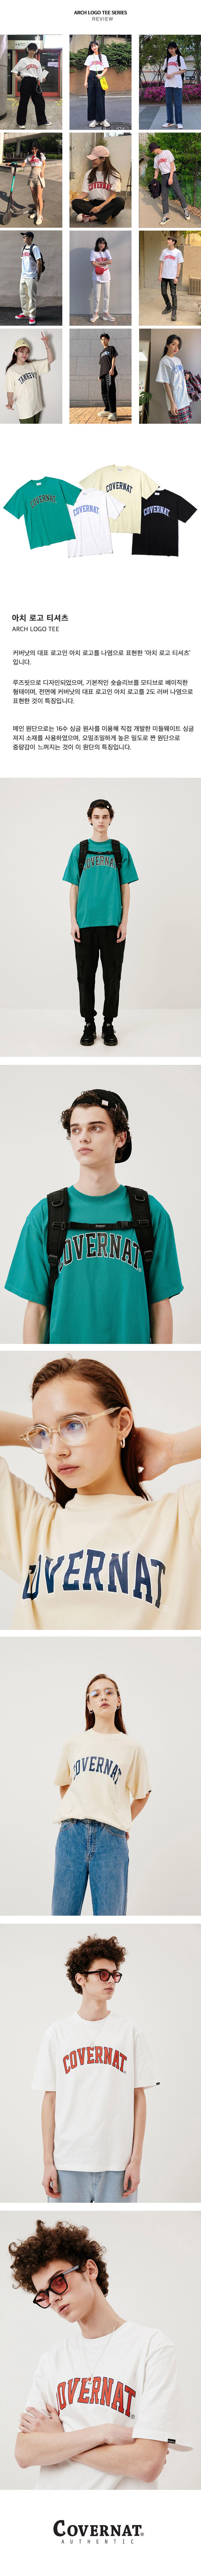 커버낫(COVERNAT) 아치 로고 티셔츠 오프화이트